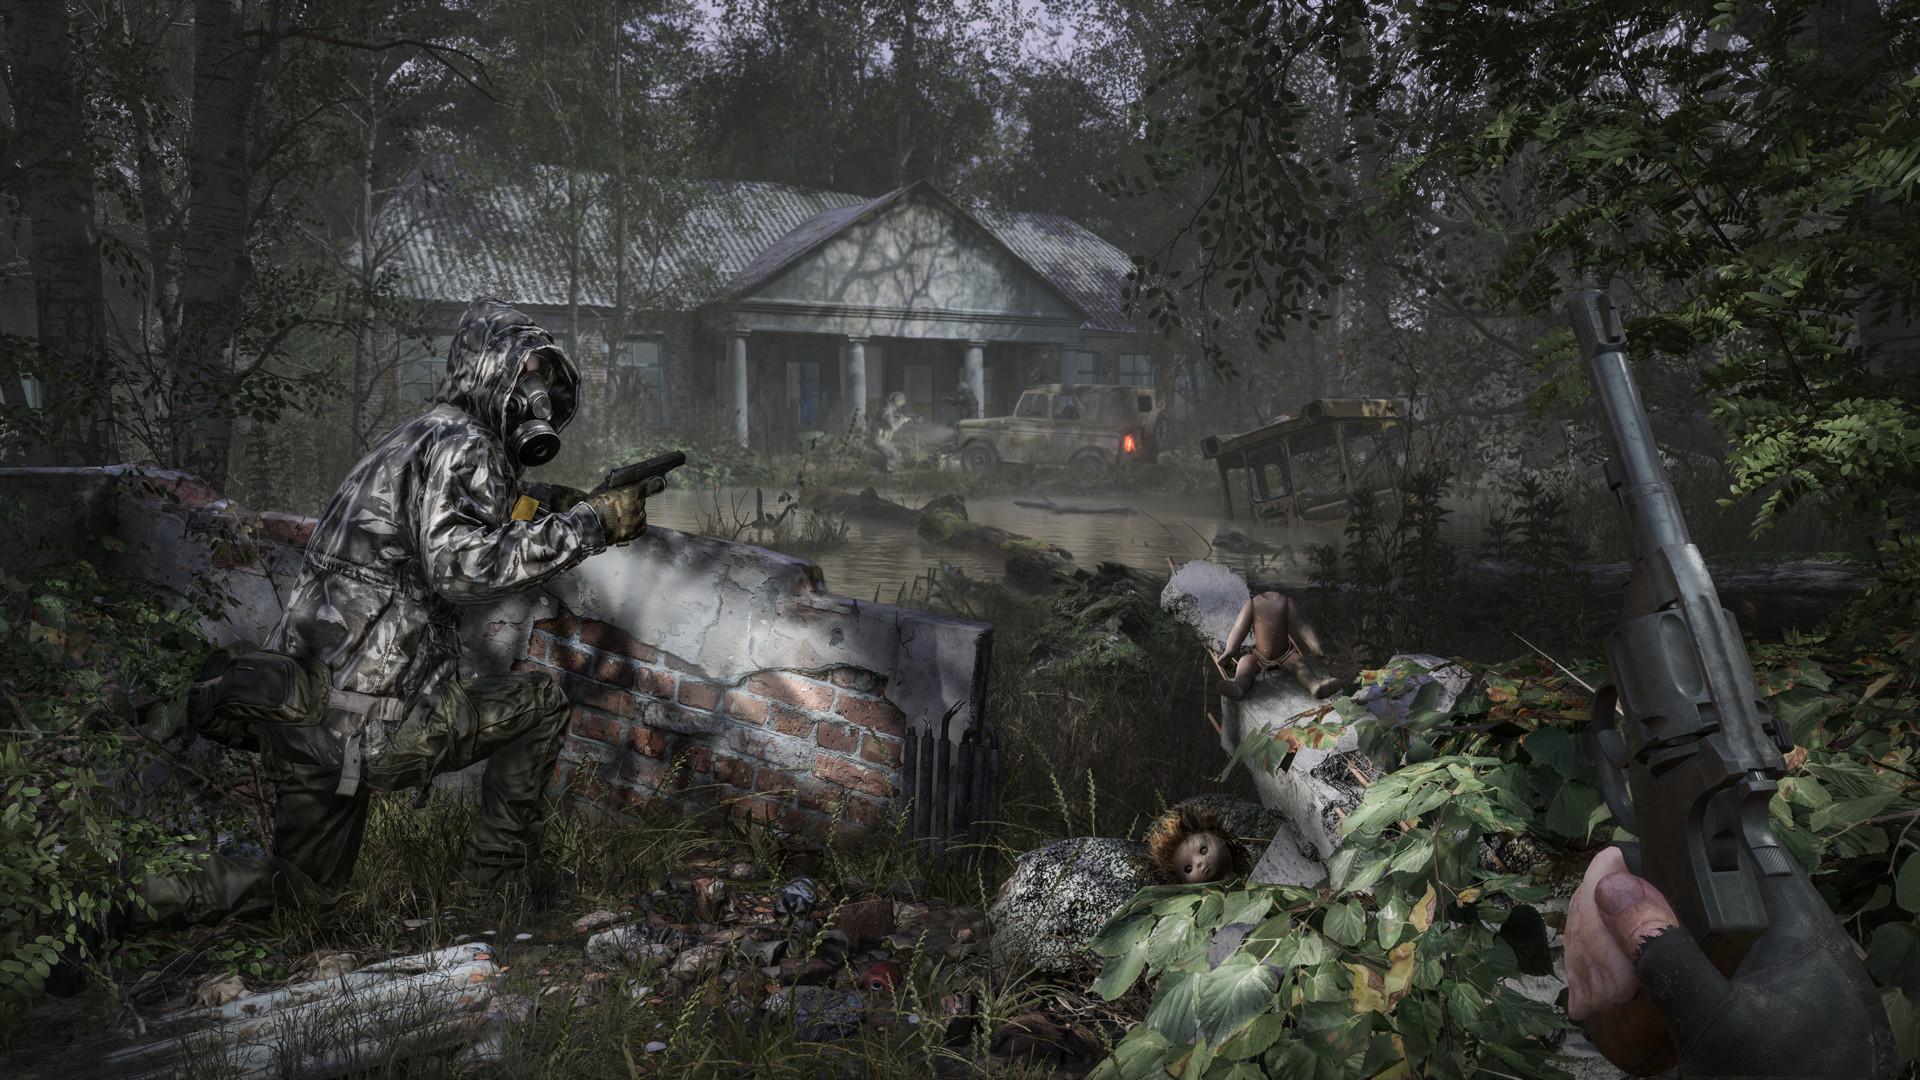 بازی Chernobylite دنباله معنوی عنوان استاکر